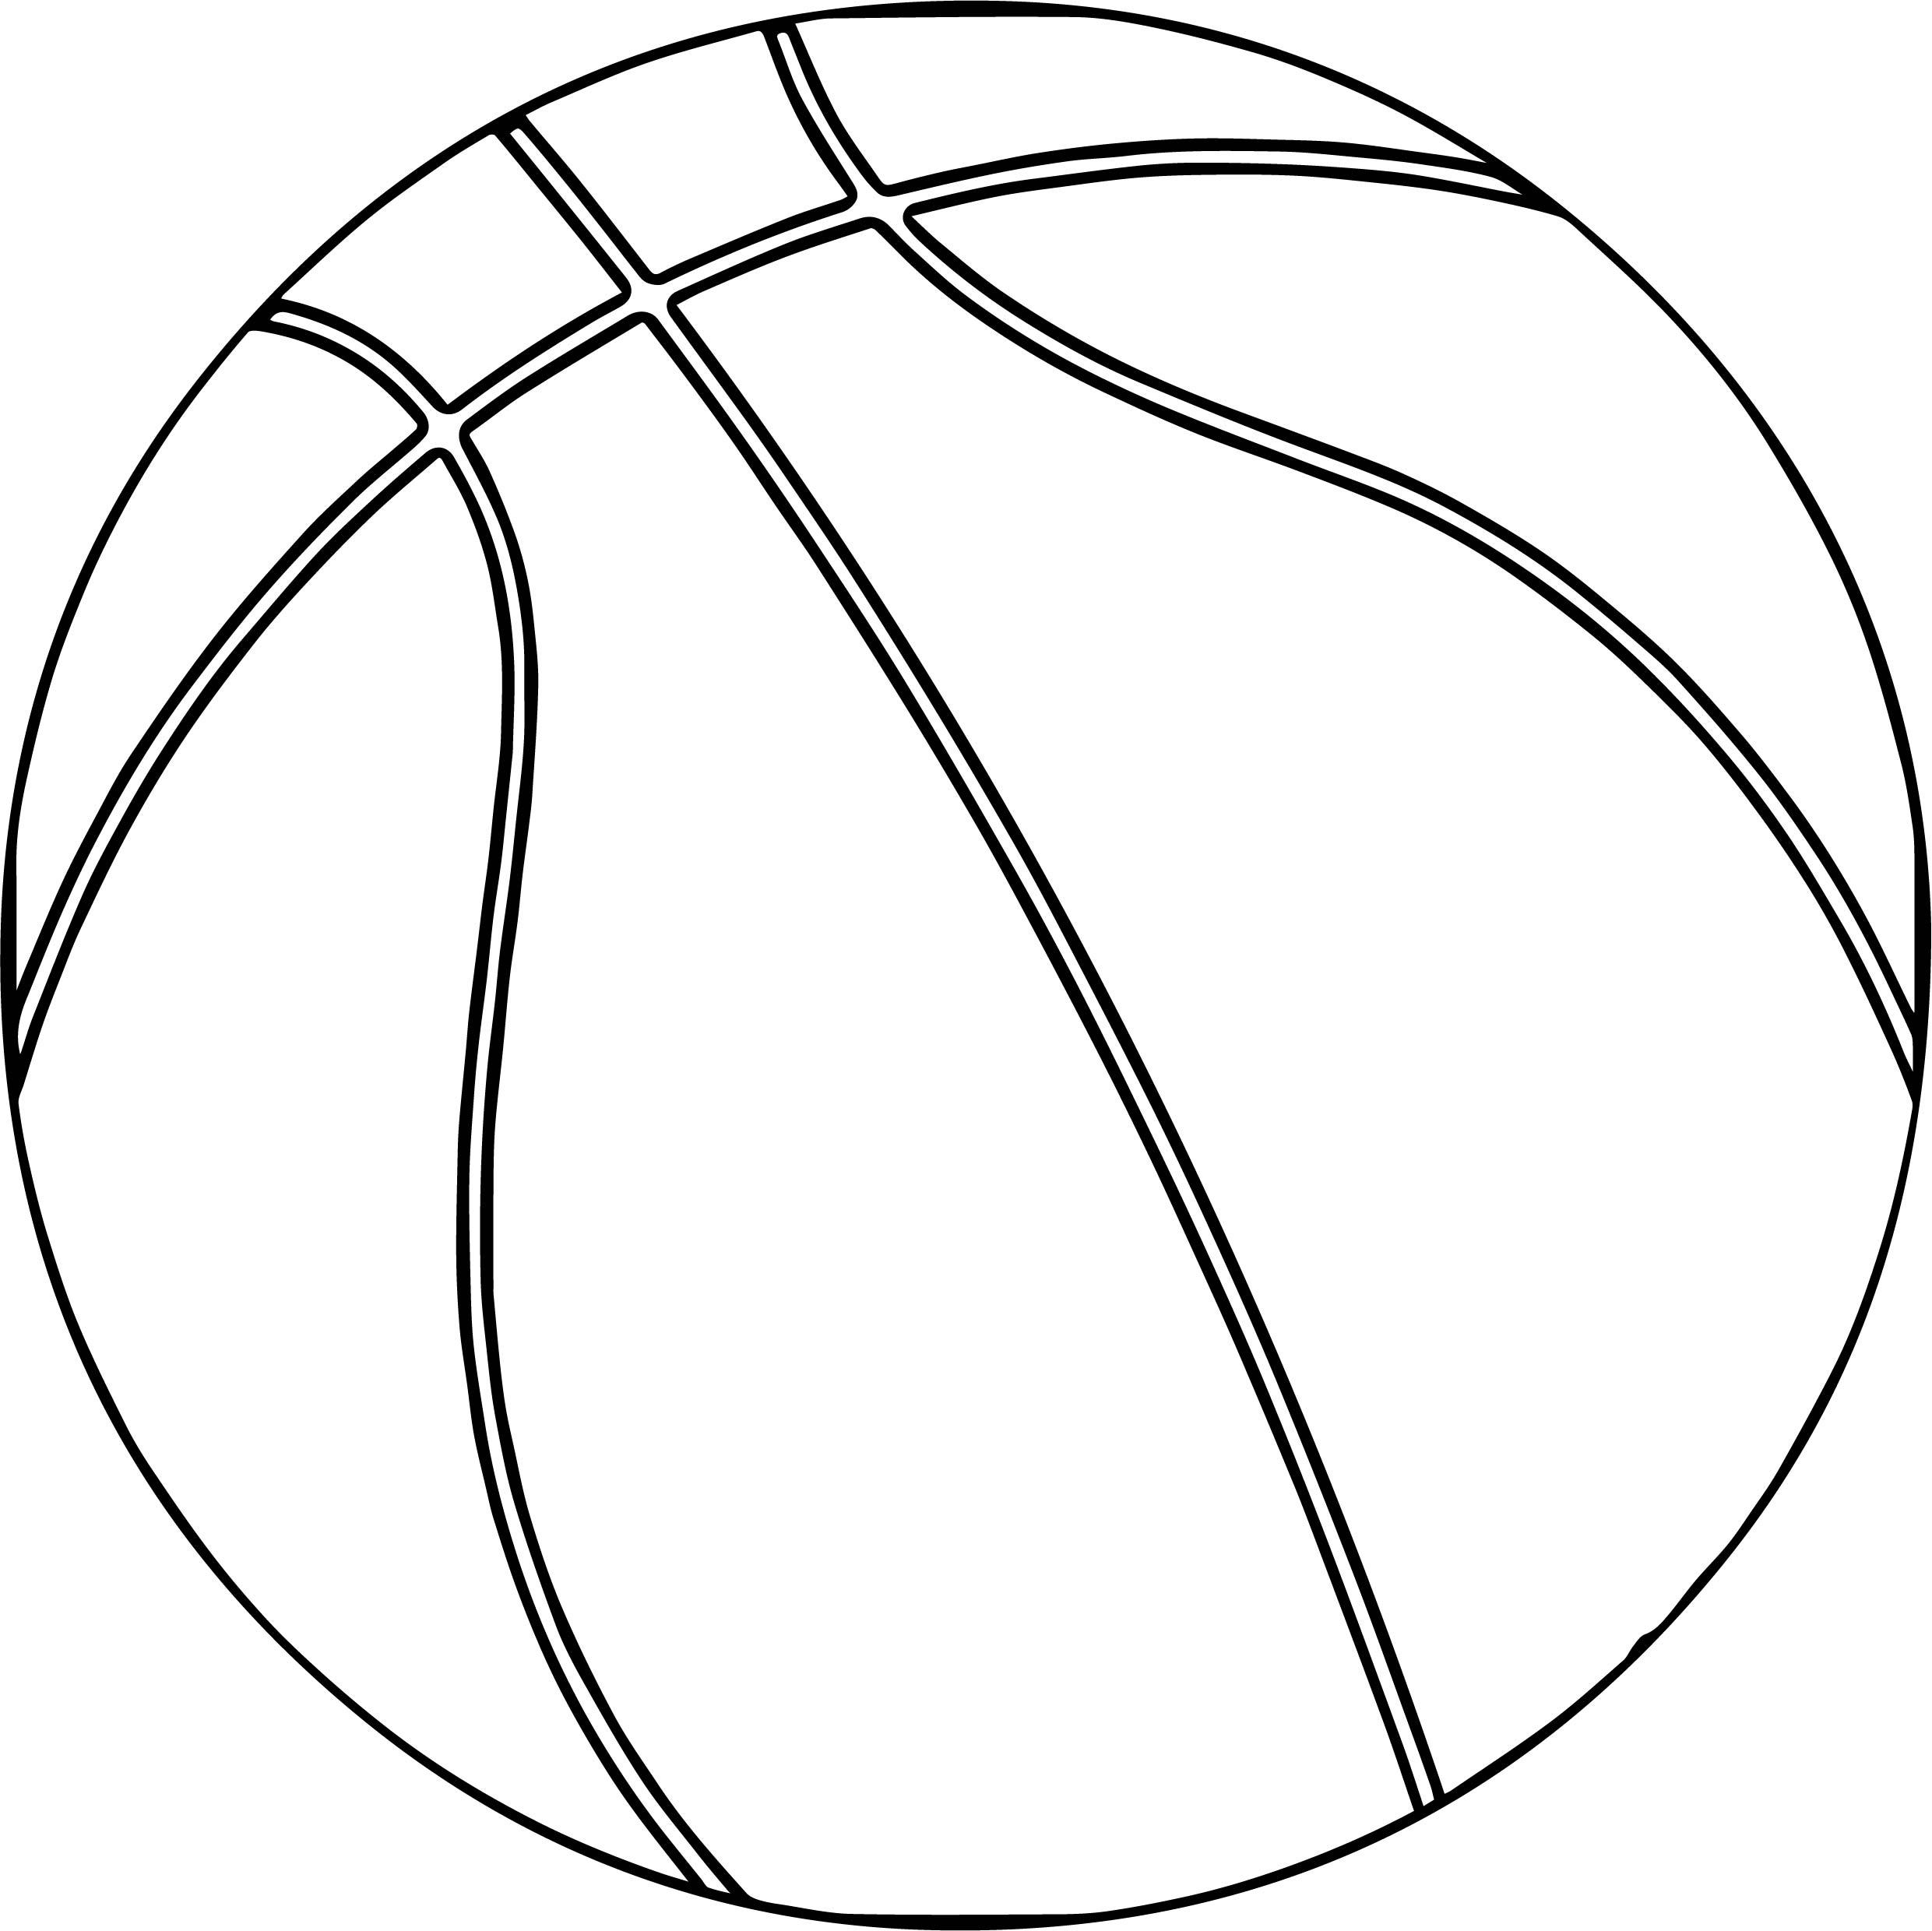 One Basketball Ball Playing Basketball Coloring Page